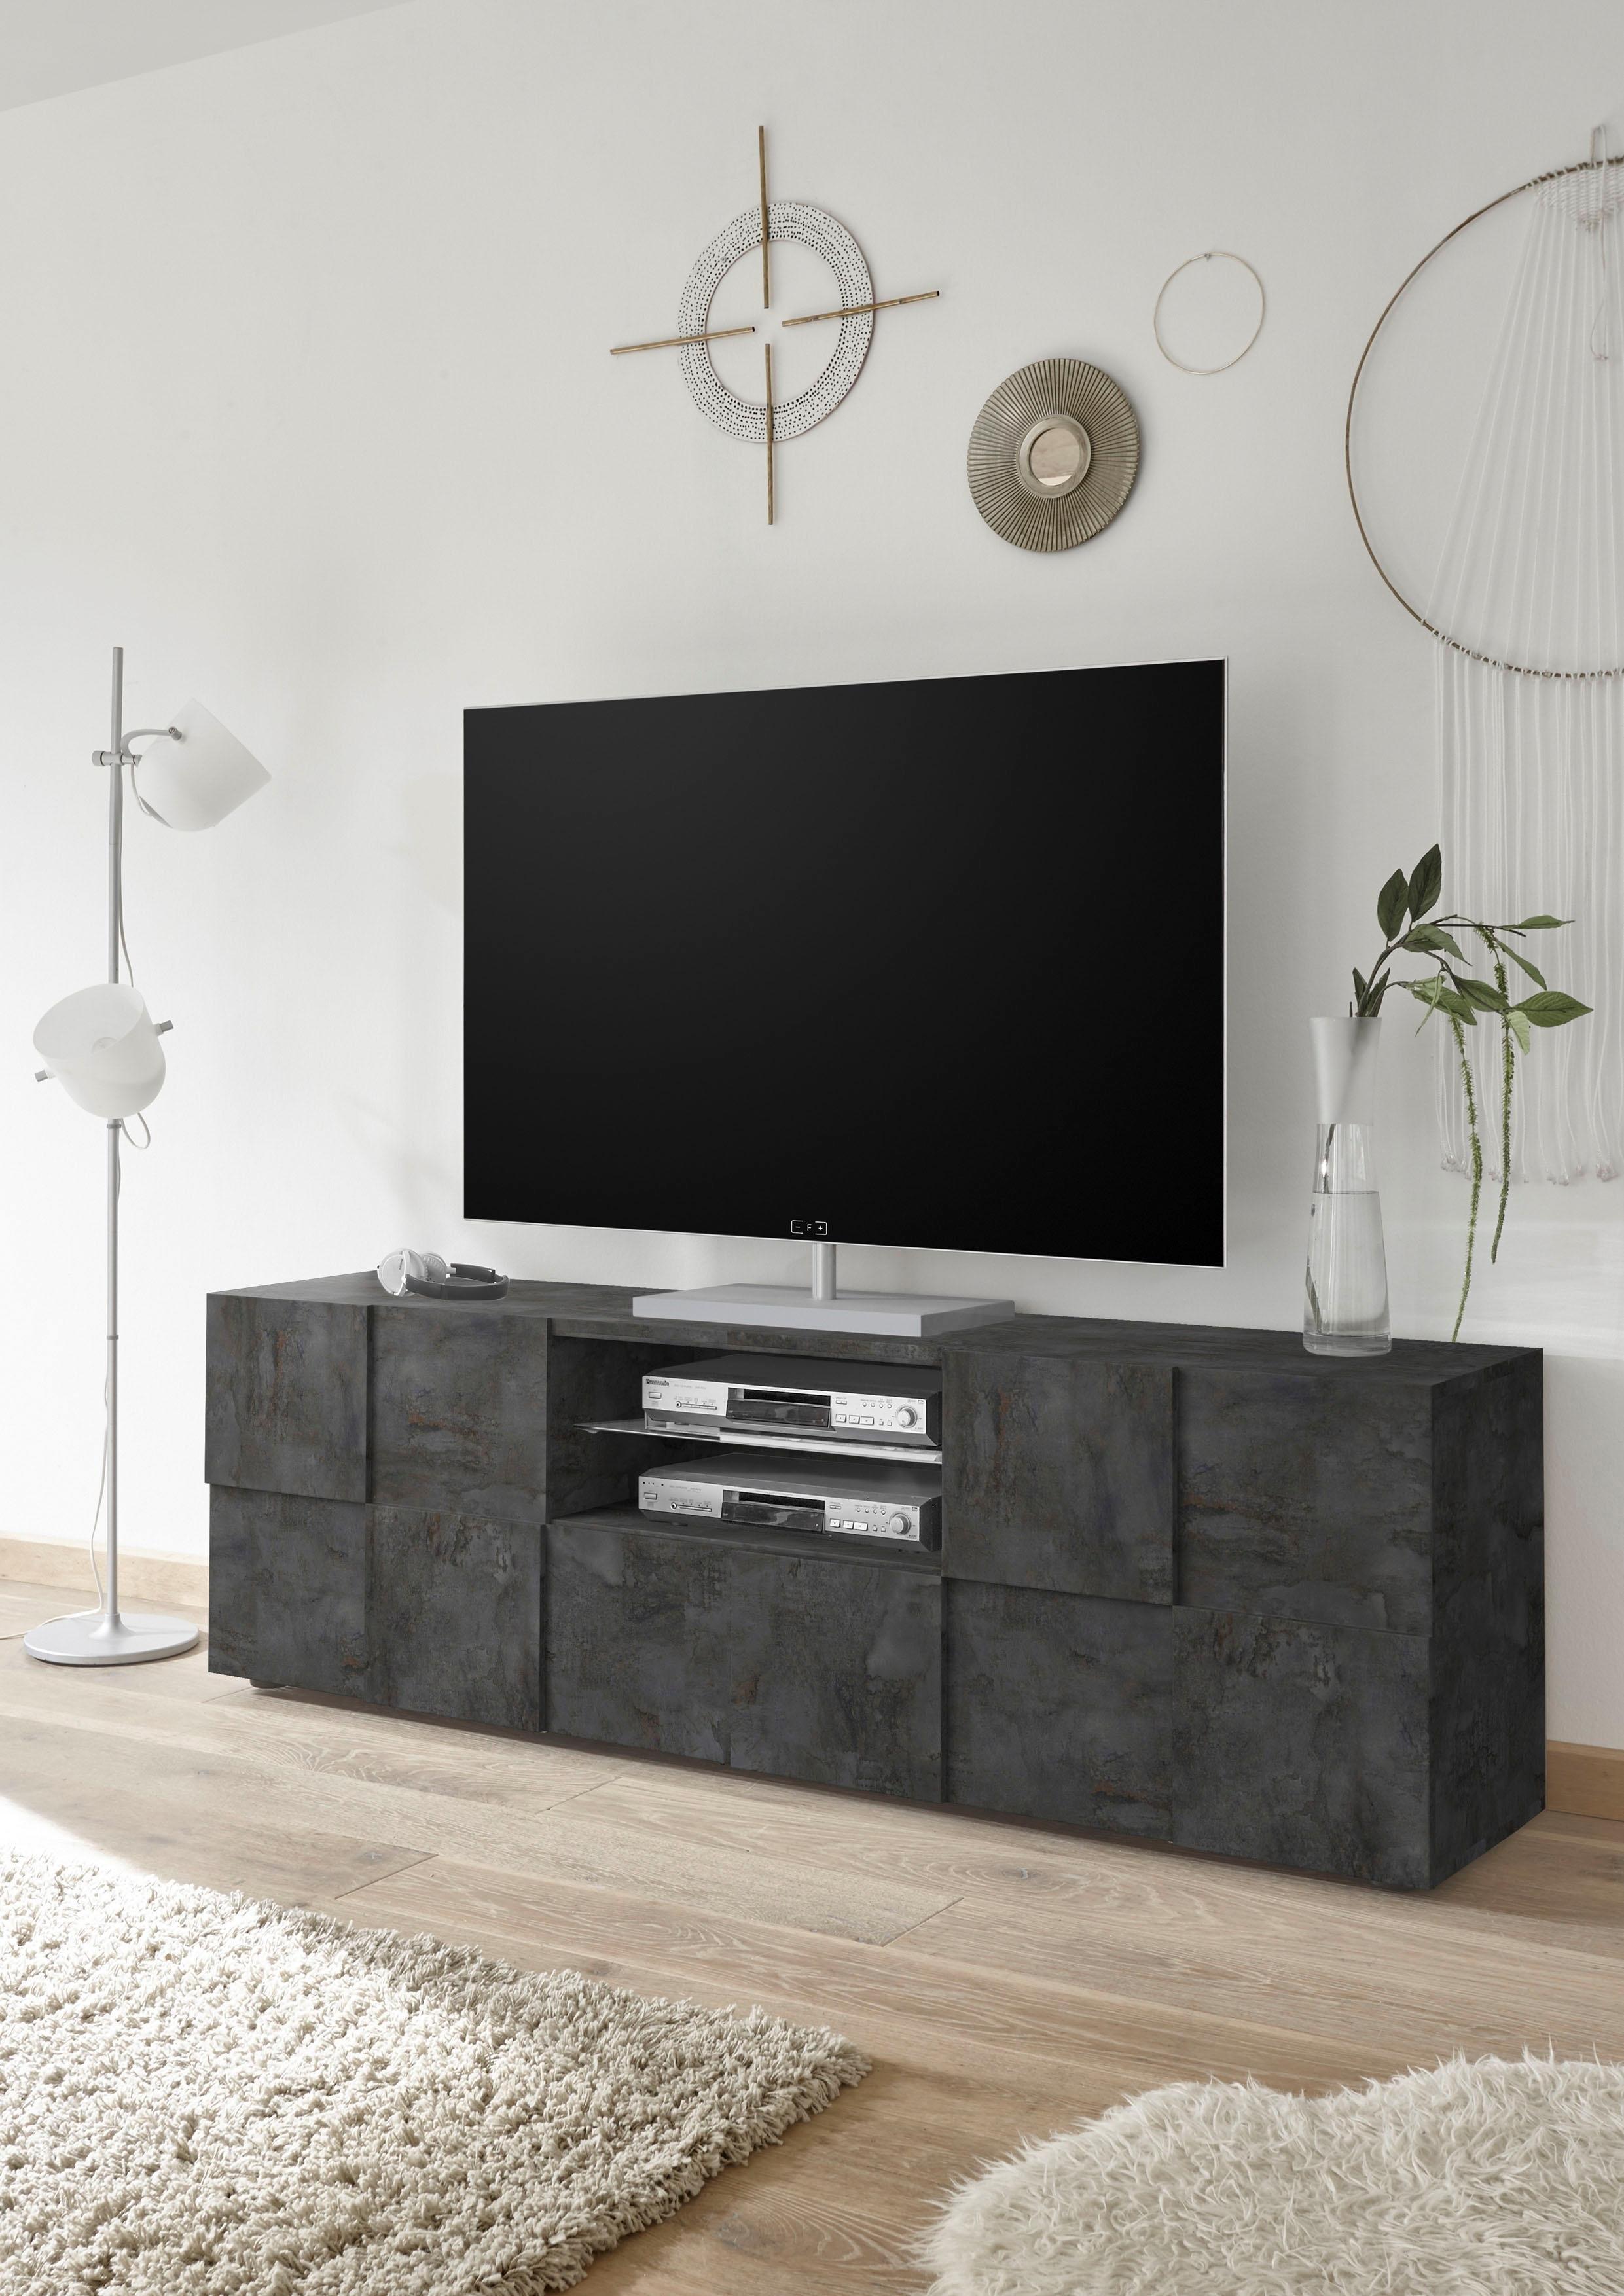 Lc TV-meubel »Dama«, breedte 181 cm goedkoop op otto.nl kopen